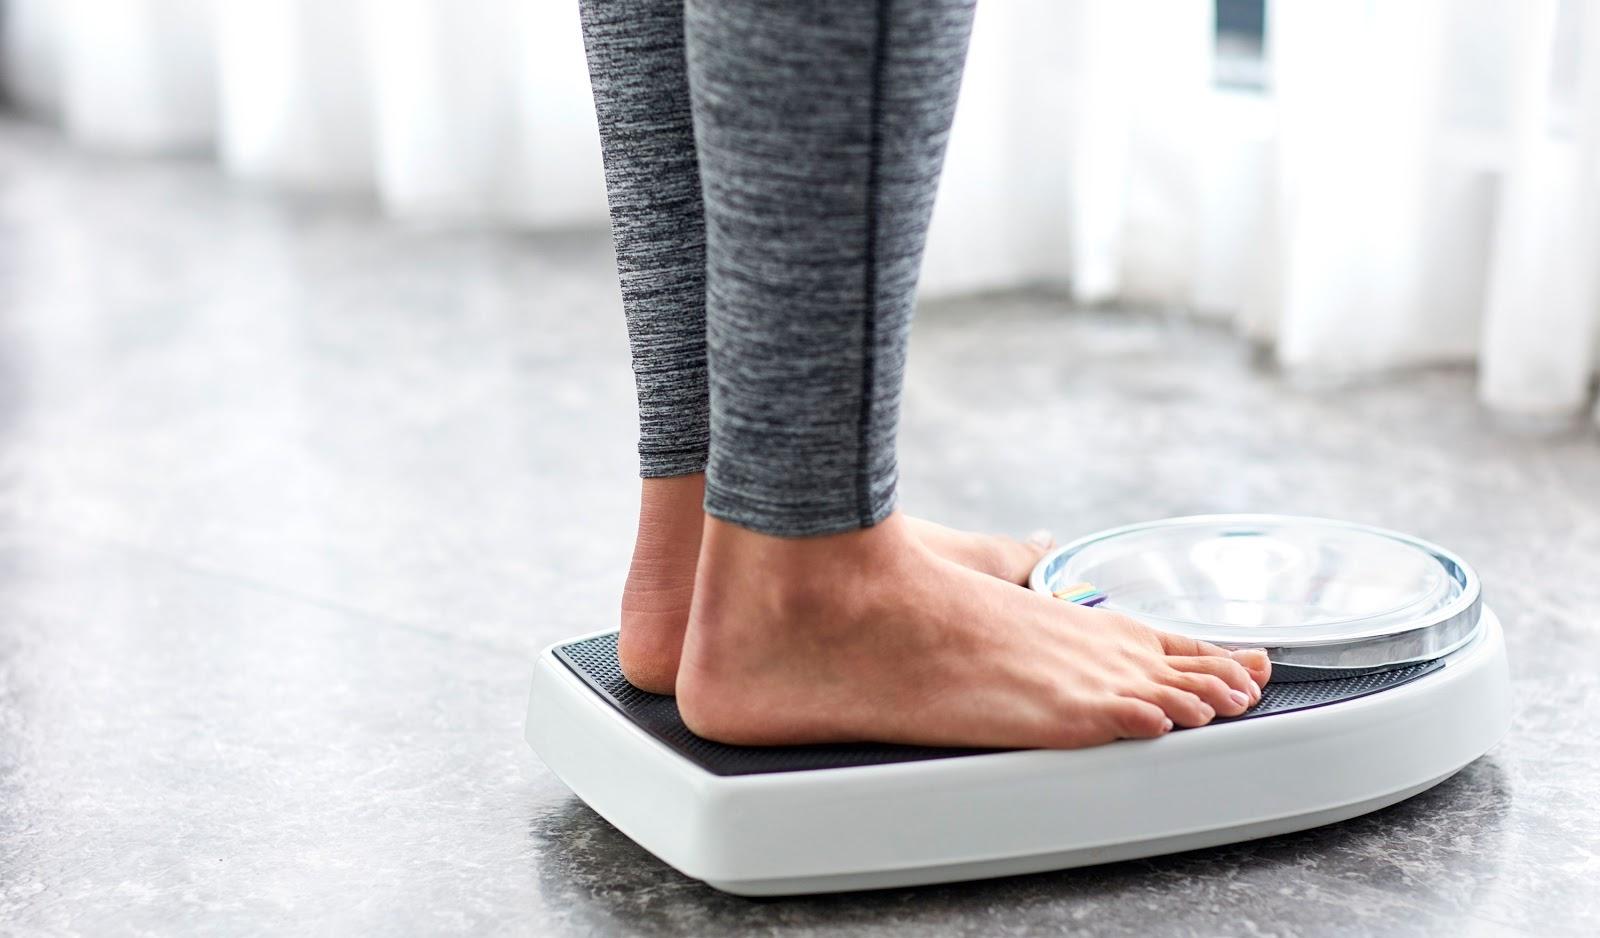 Як значно знизити вагу з допомогою англійської дієти